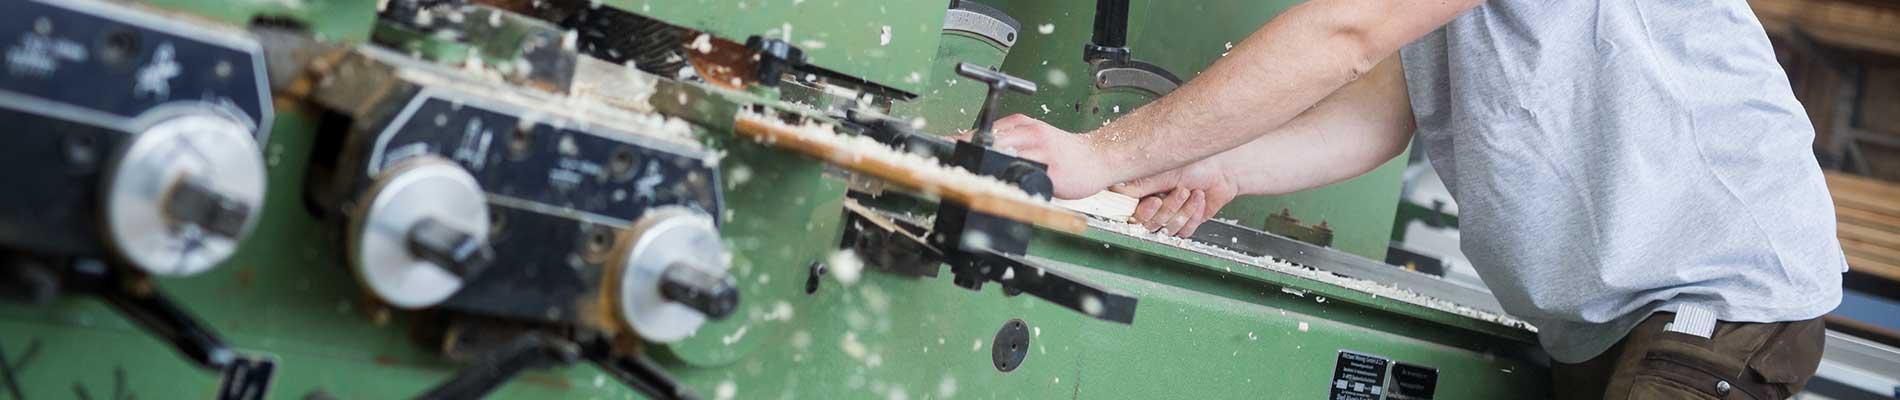 Hagemann Tischlerei Werkstatt